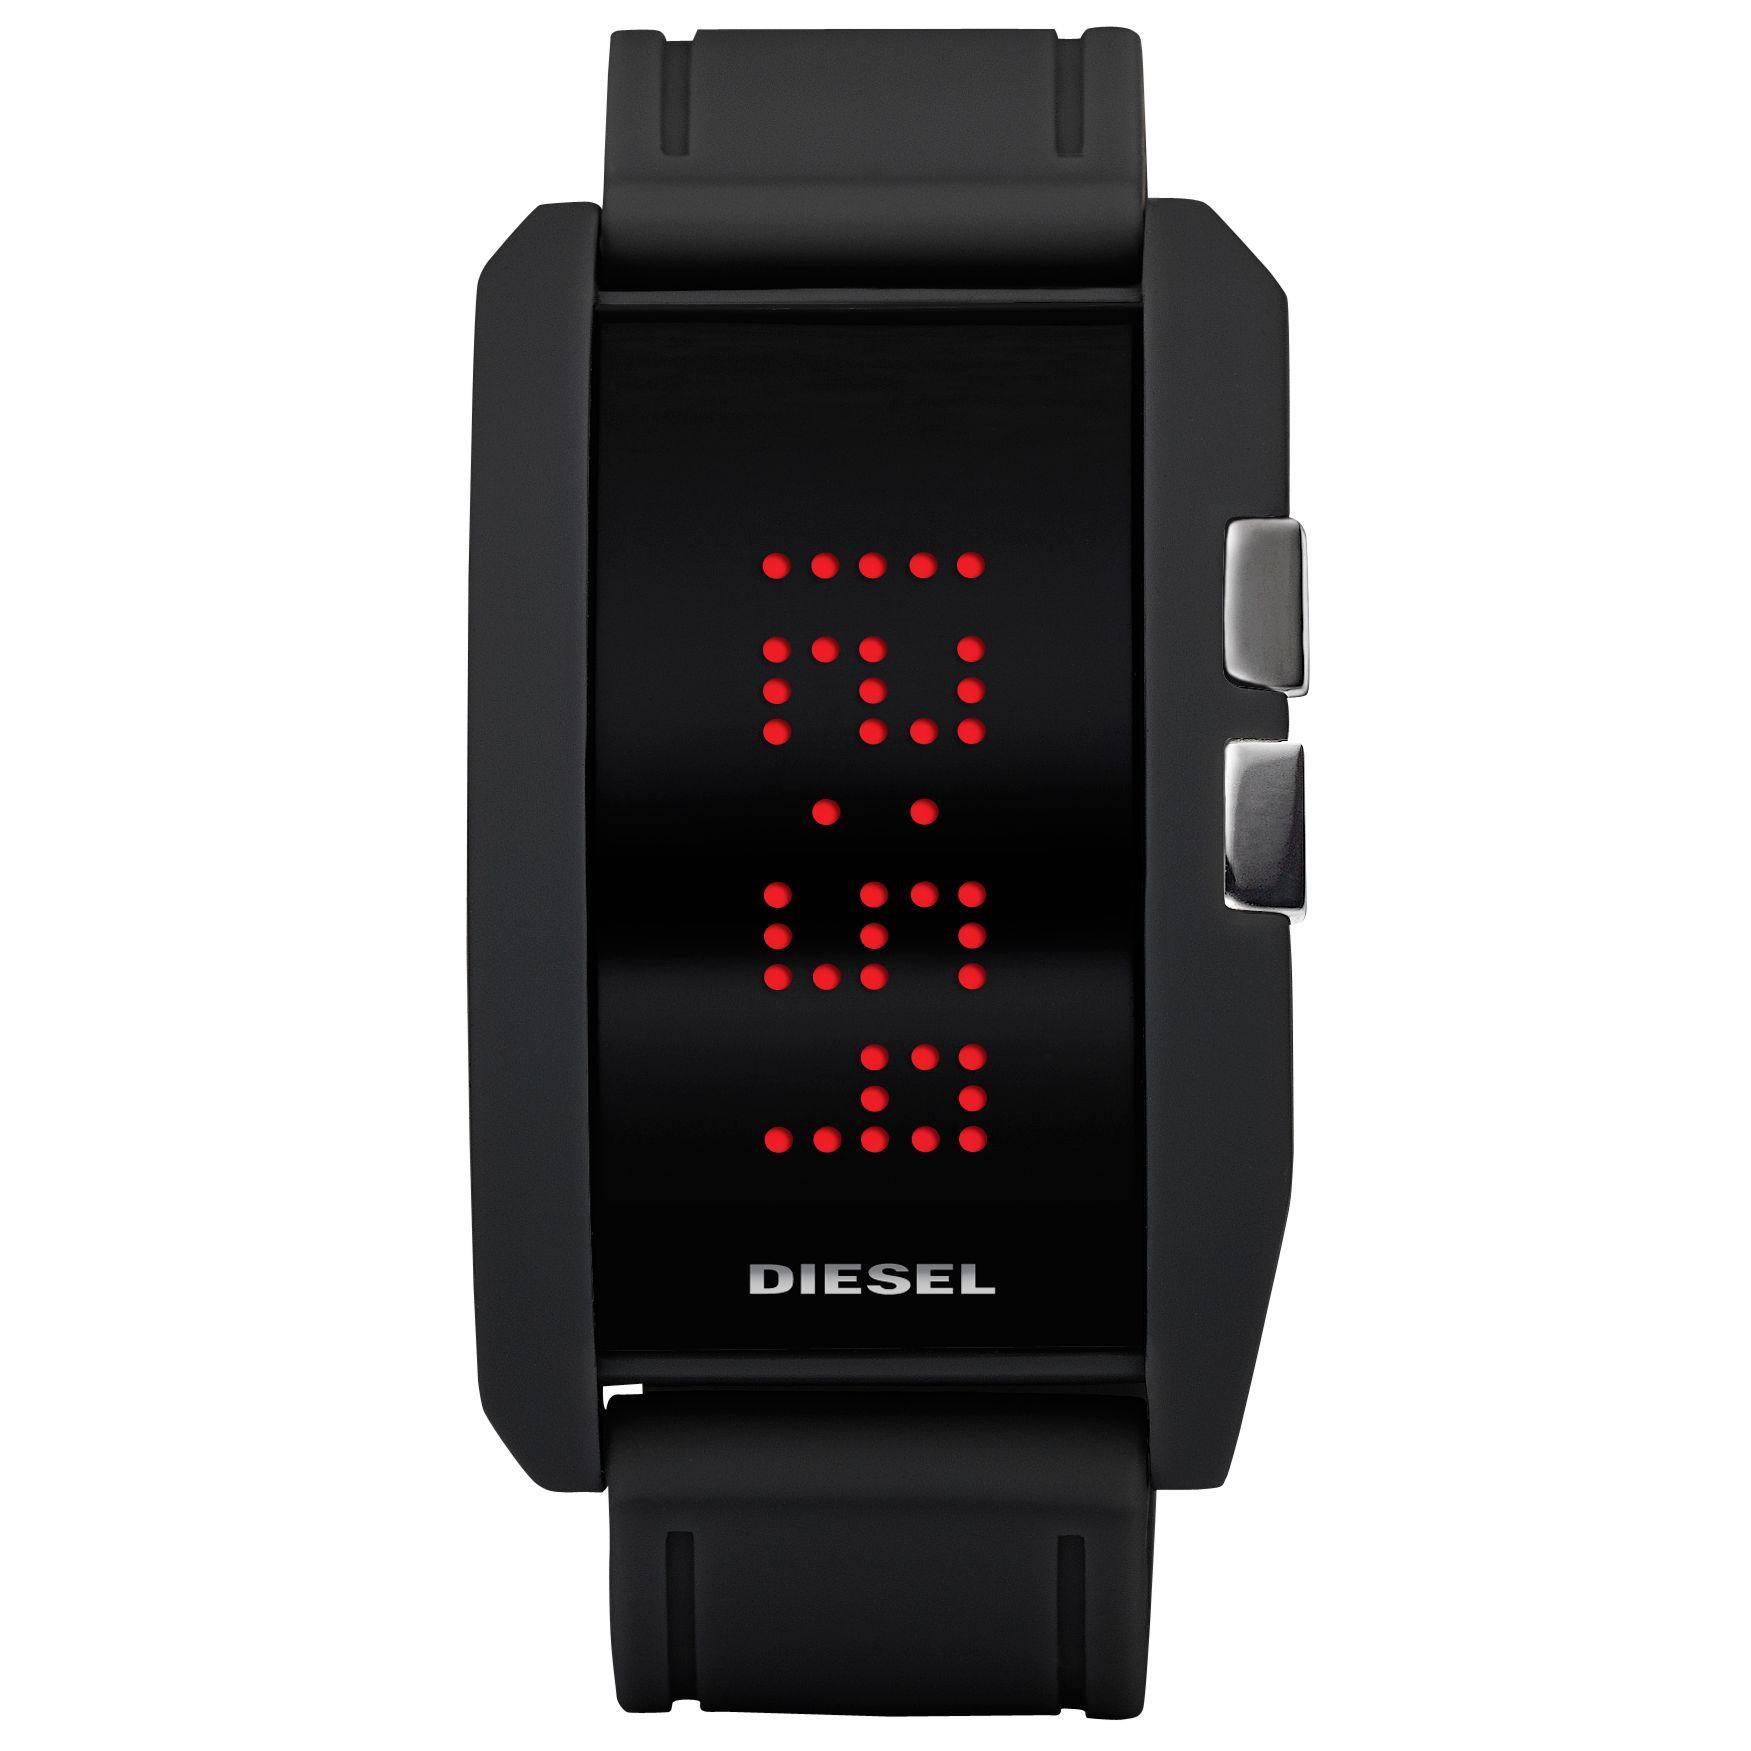 Diesel DZ7164 Unisex Digital Rectangular Black Dial Black Silicone Strap Watch